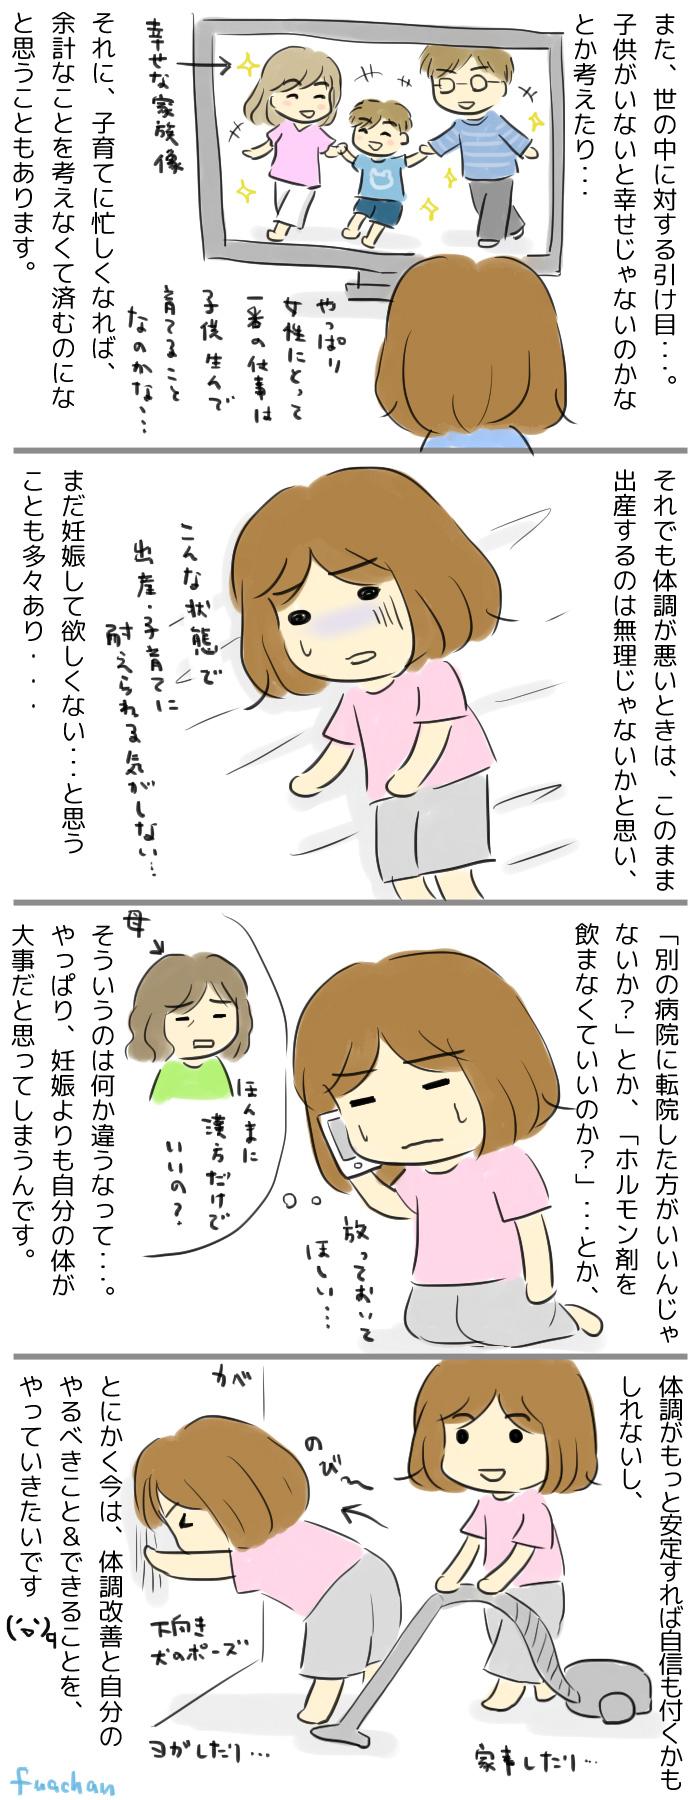 f:id:fuachan:20170723181133j:plain